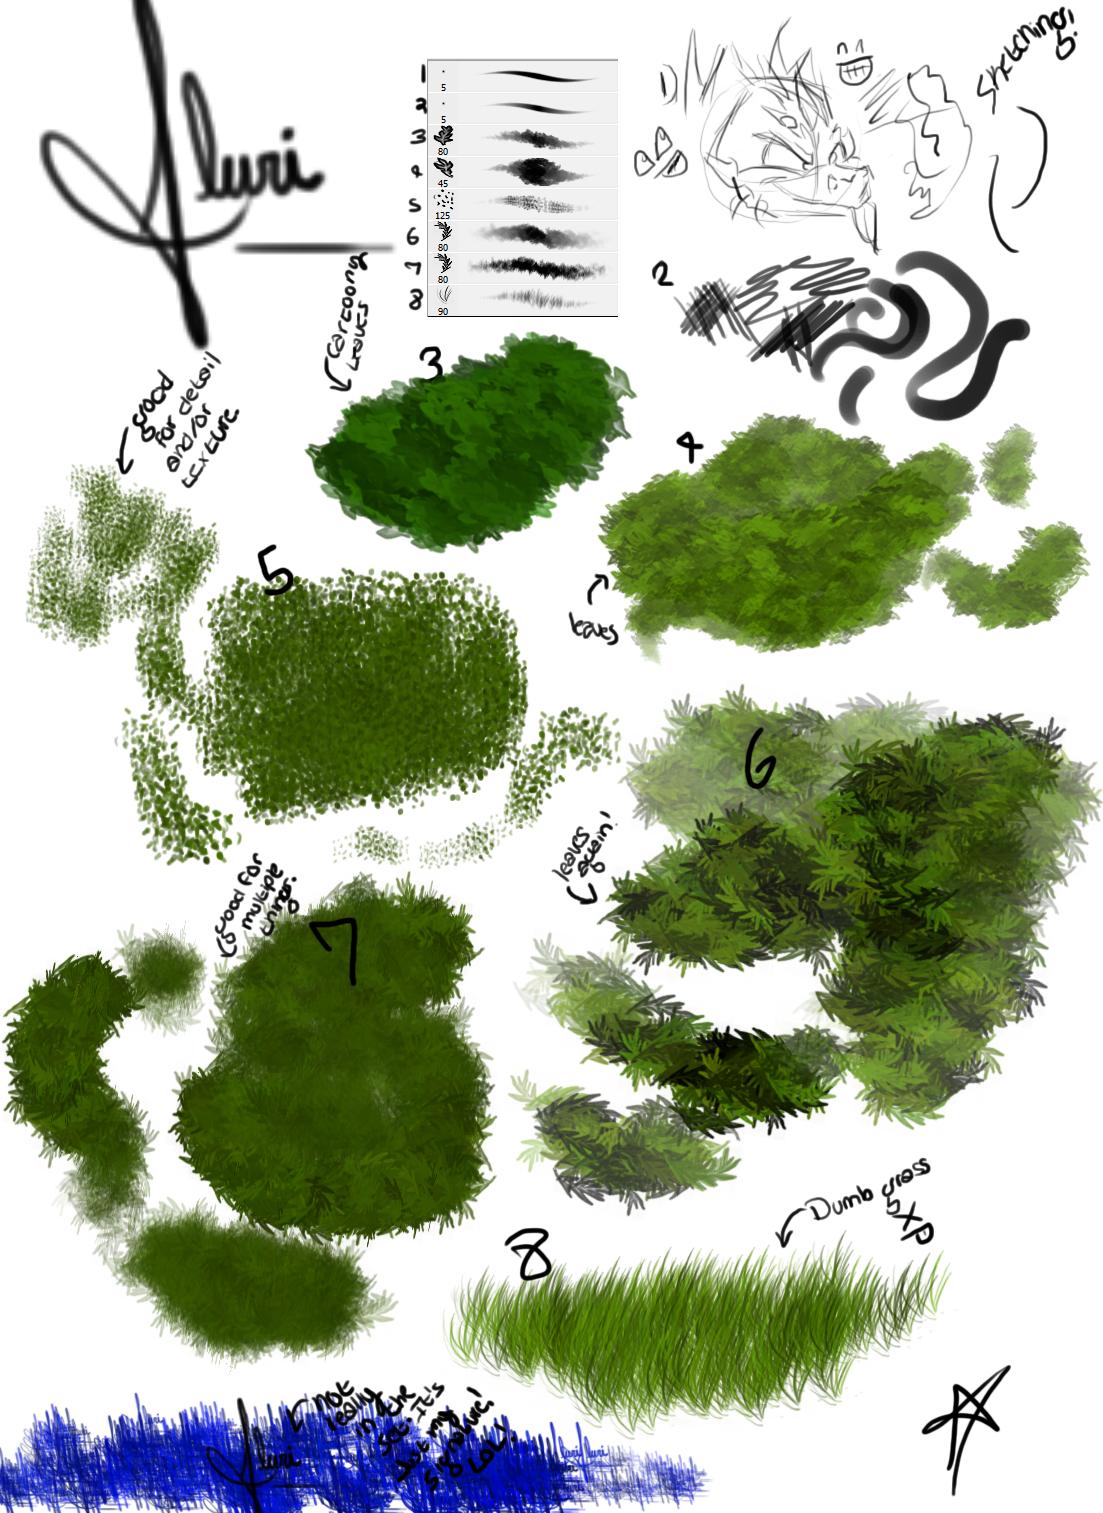 My Foliage Brushes